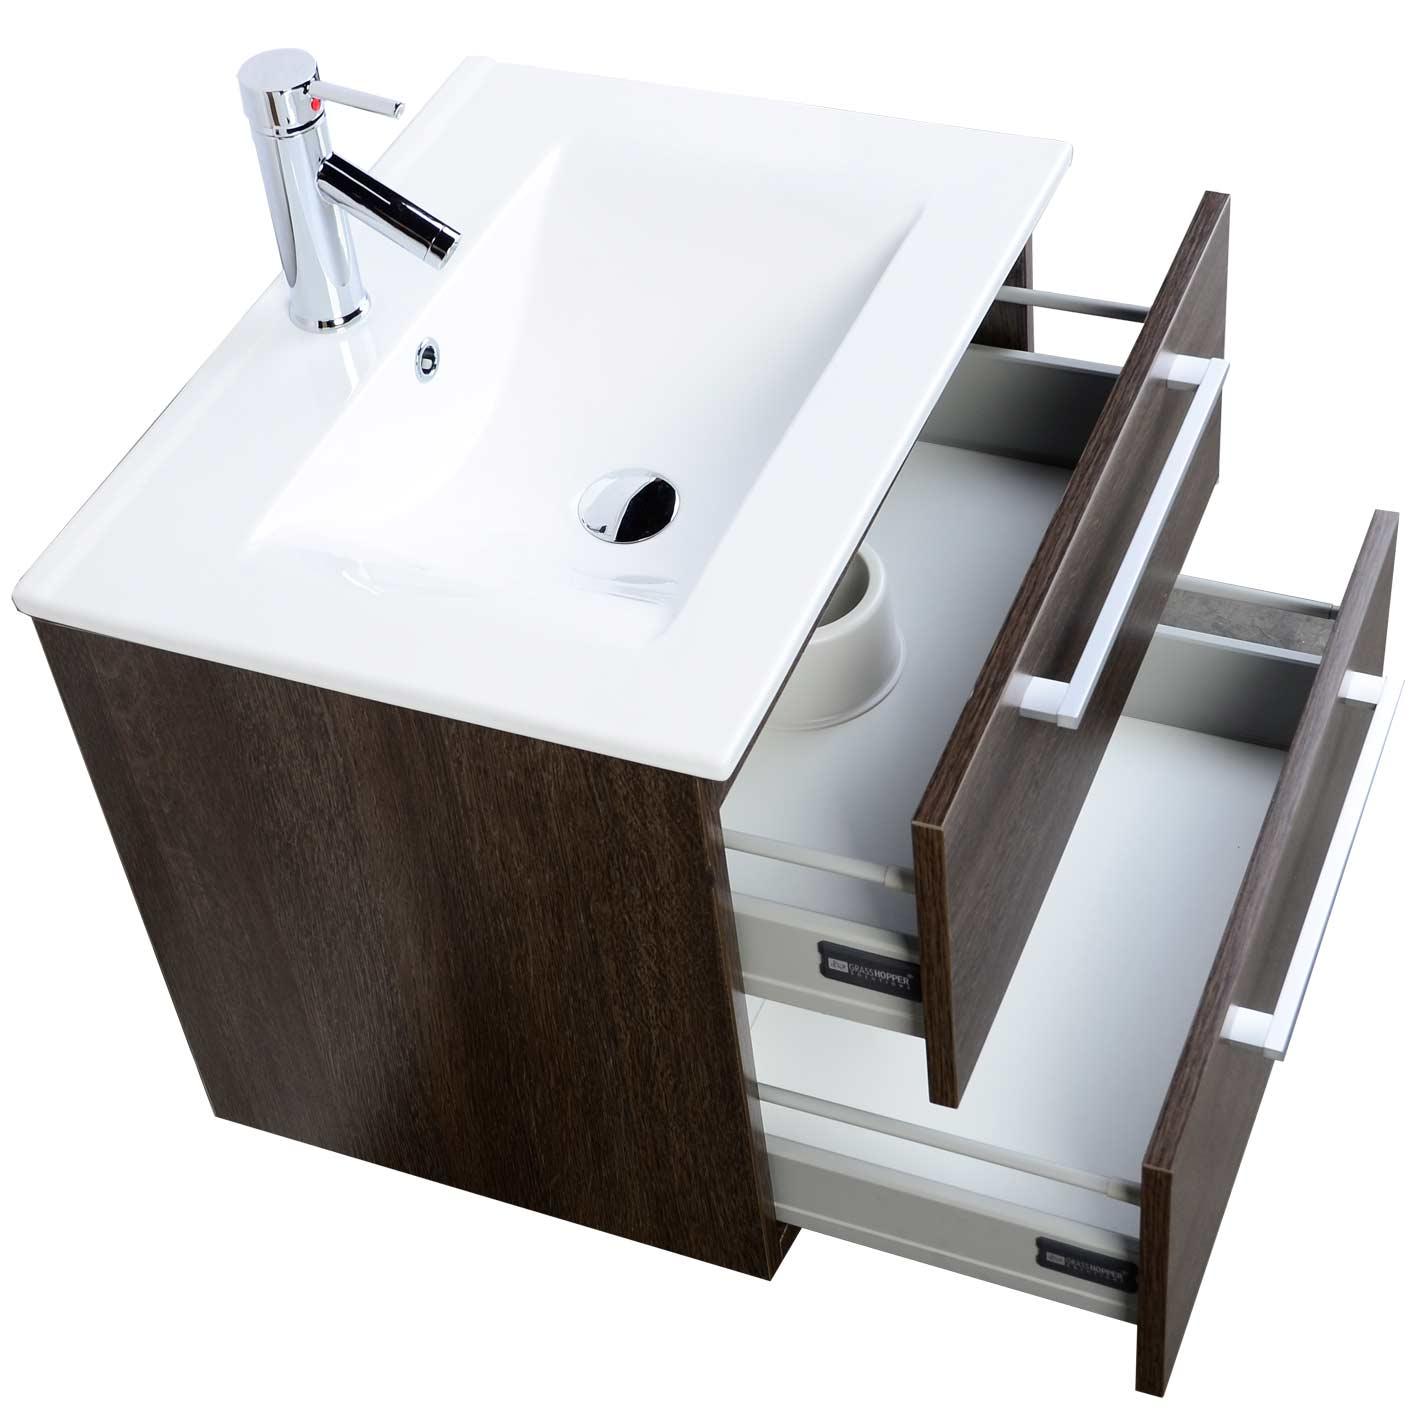 European Styled Caen 23 5 Single Bathroom Vanity Set In